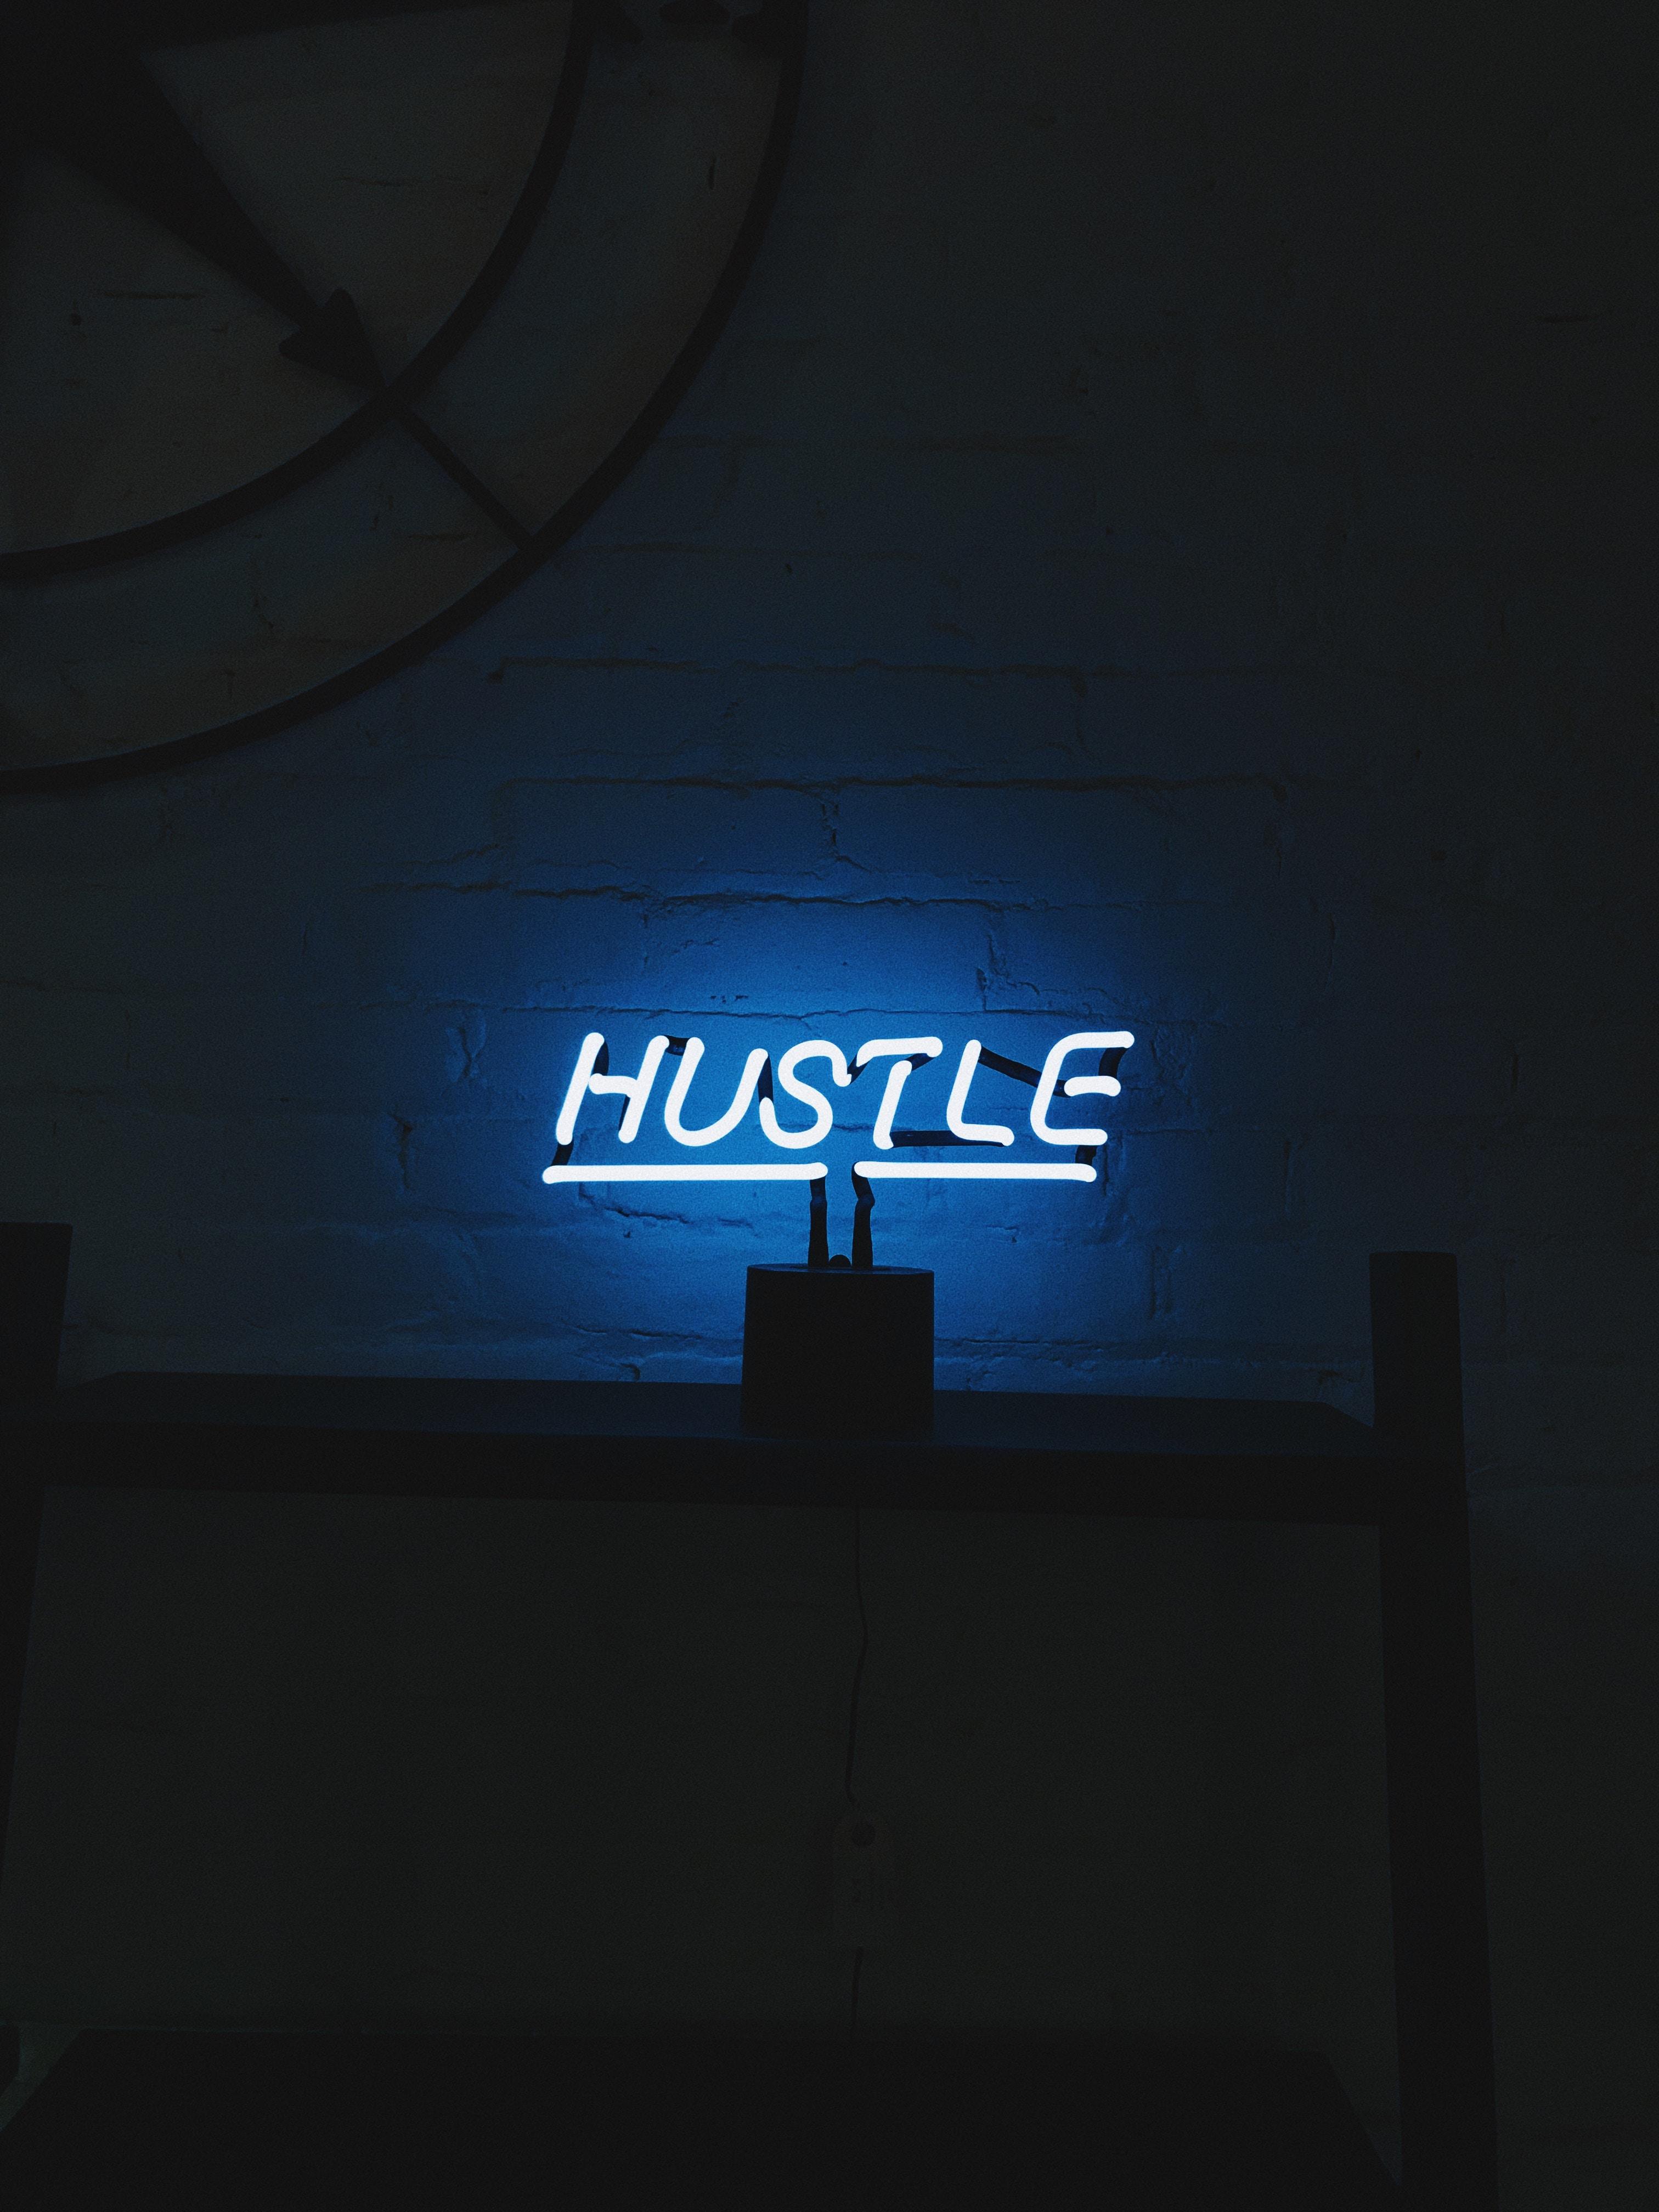 san diego und hustler und shop